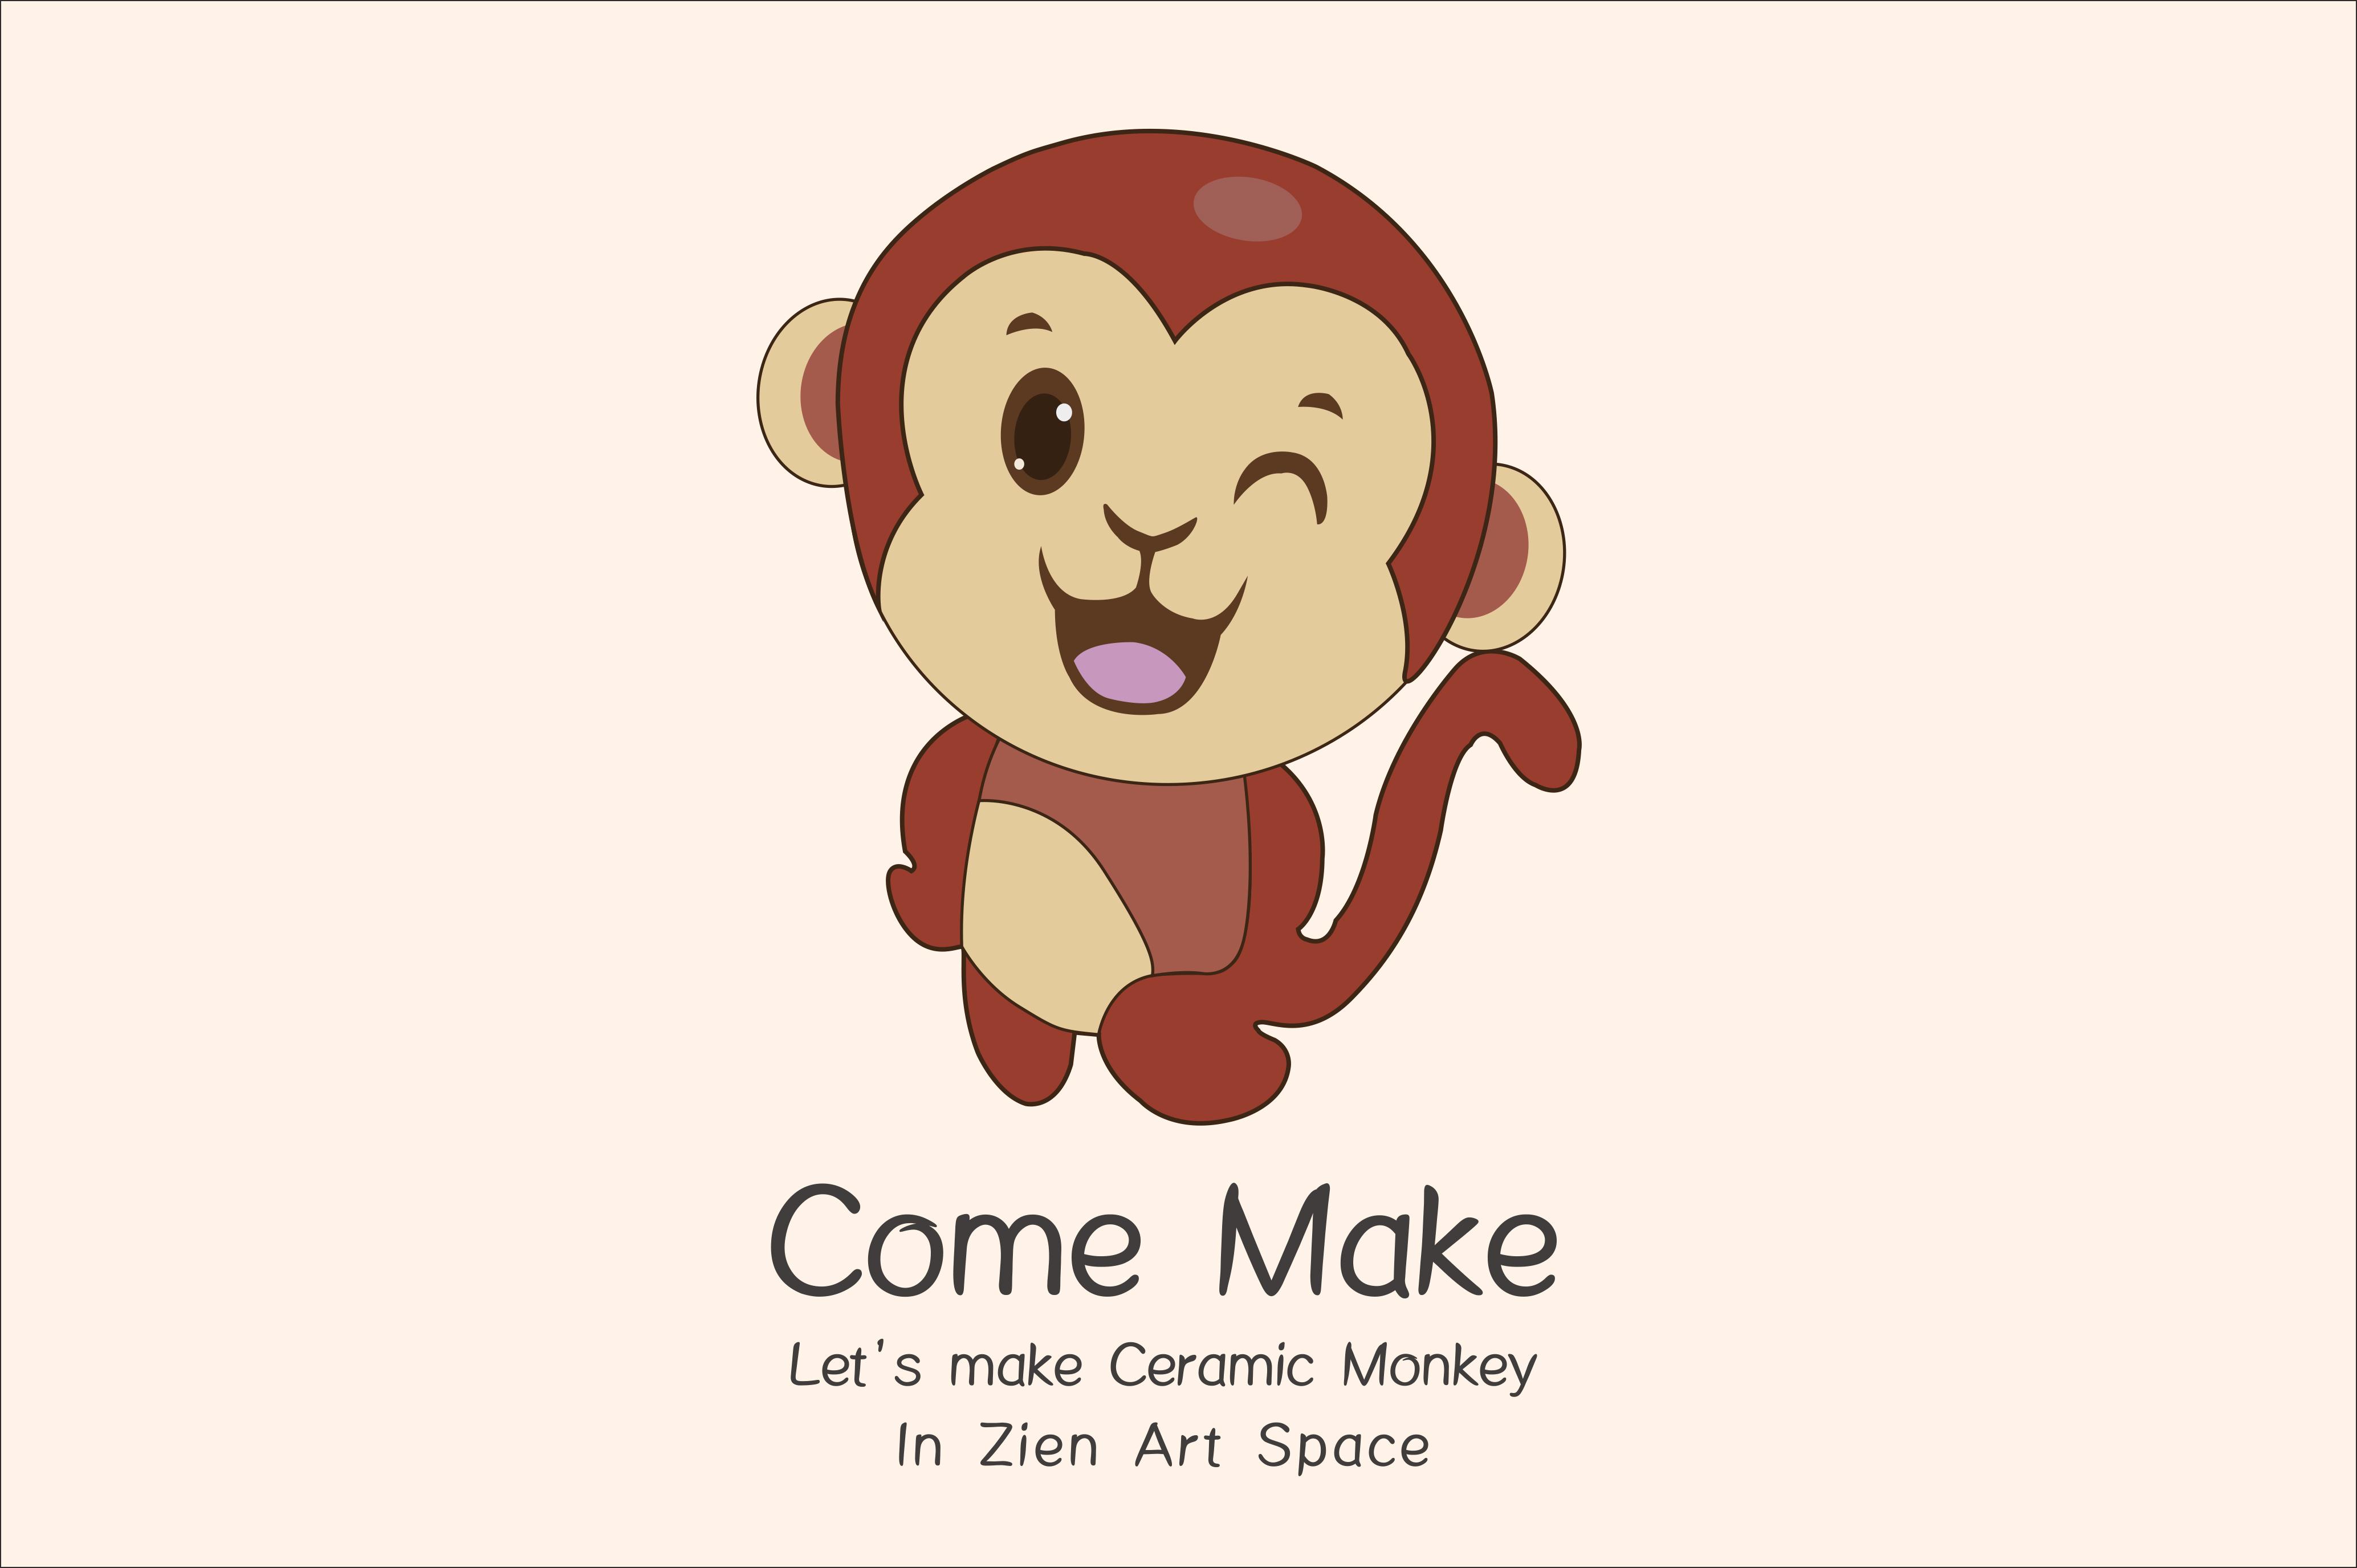 홈페이지_아카데미_프로그램_원숭이턴만들기.jpg